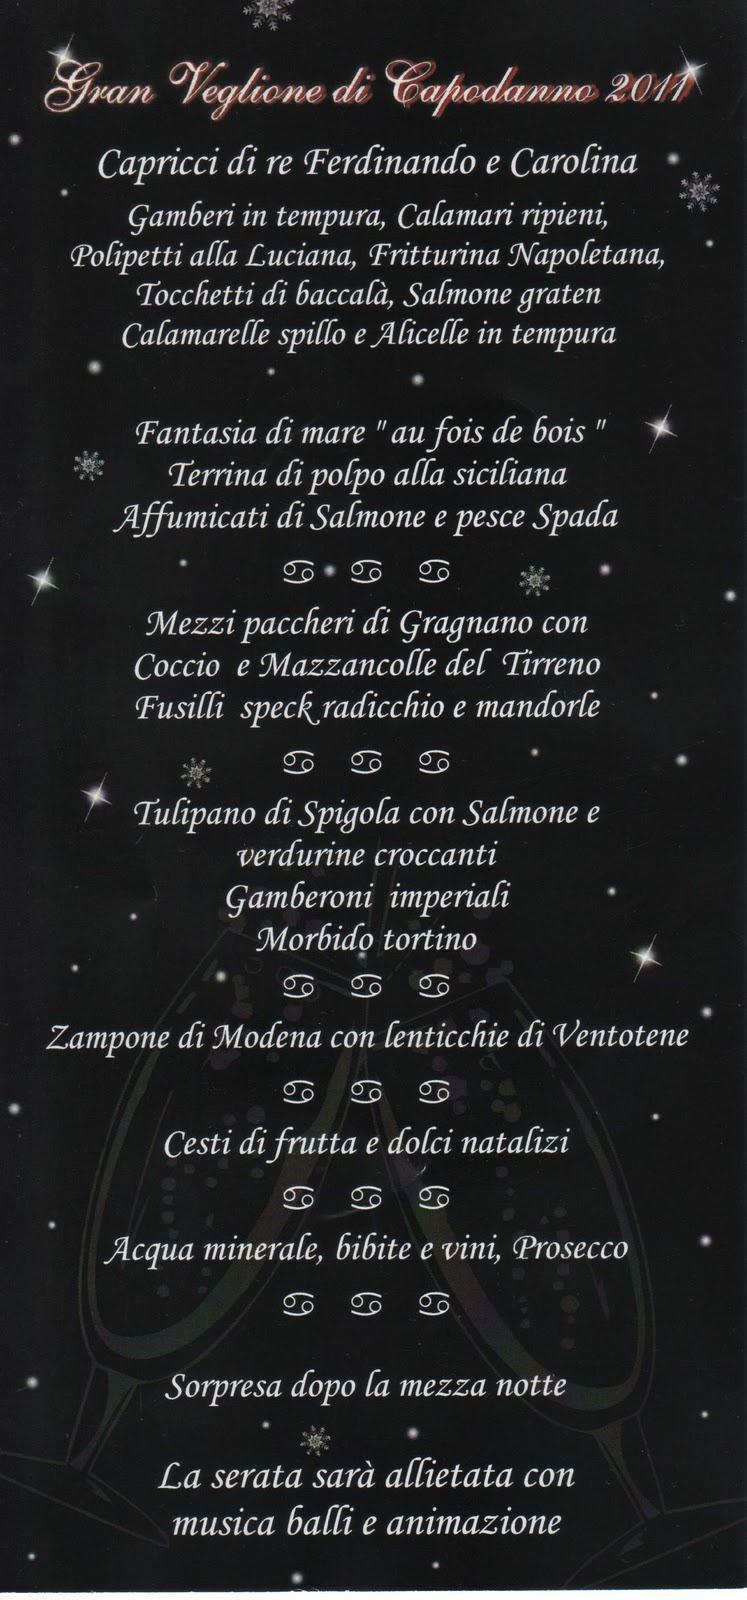 Veglione Capodanno Villa Appia Marino